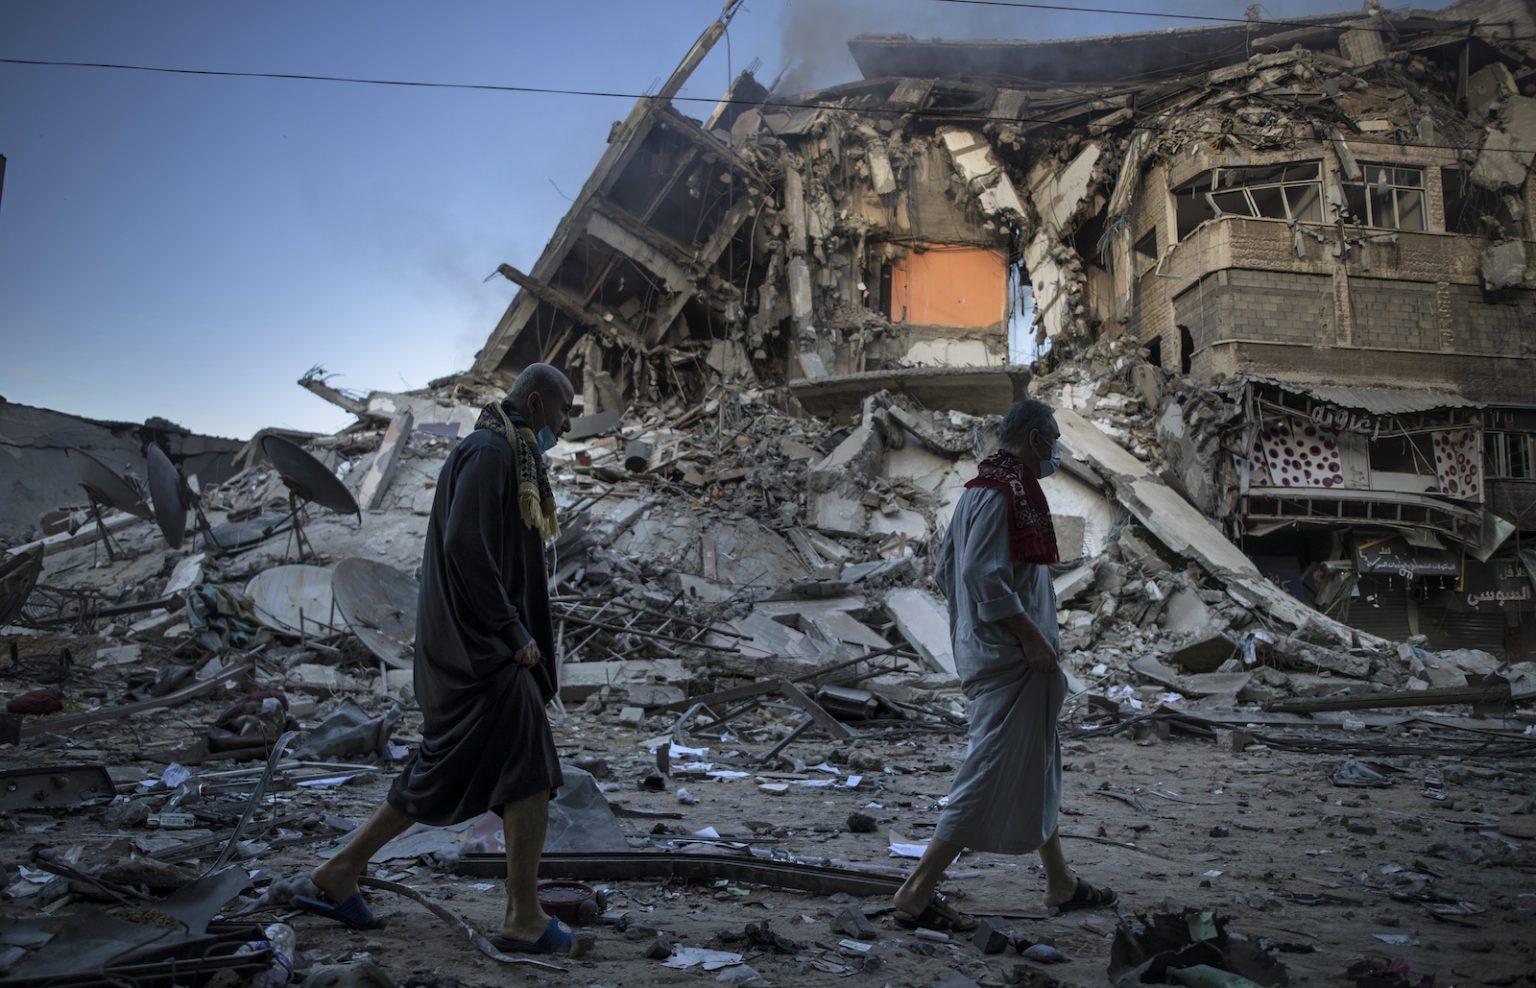 Межрелигиозные программы переживают трудности из-за израильско-палестинского конфликта